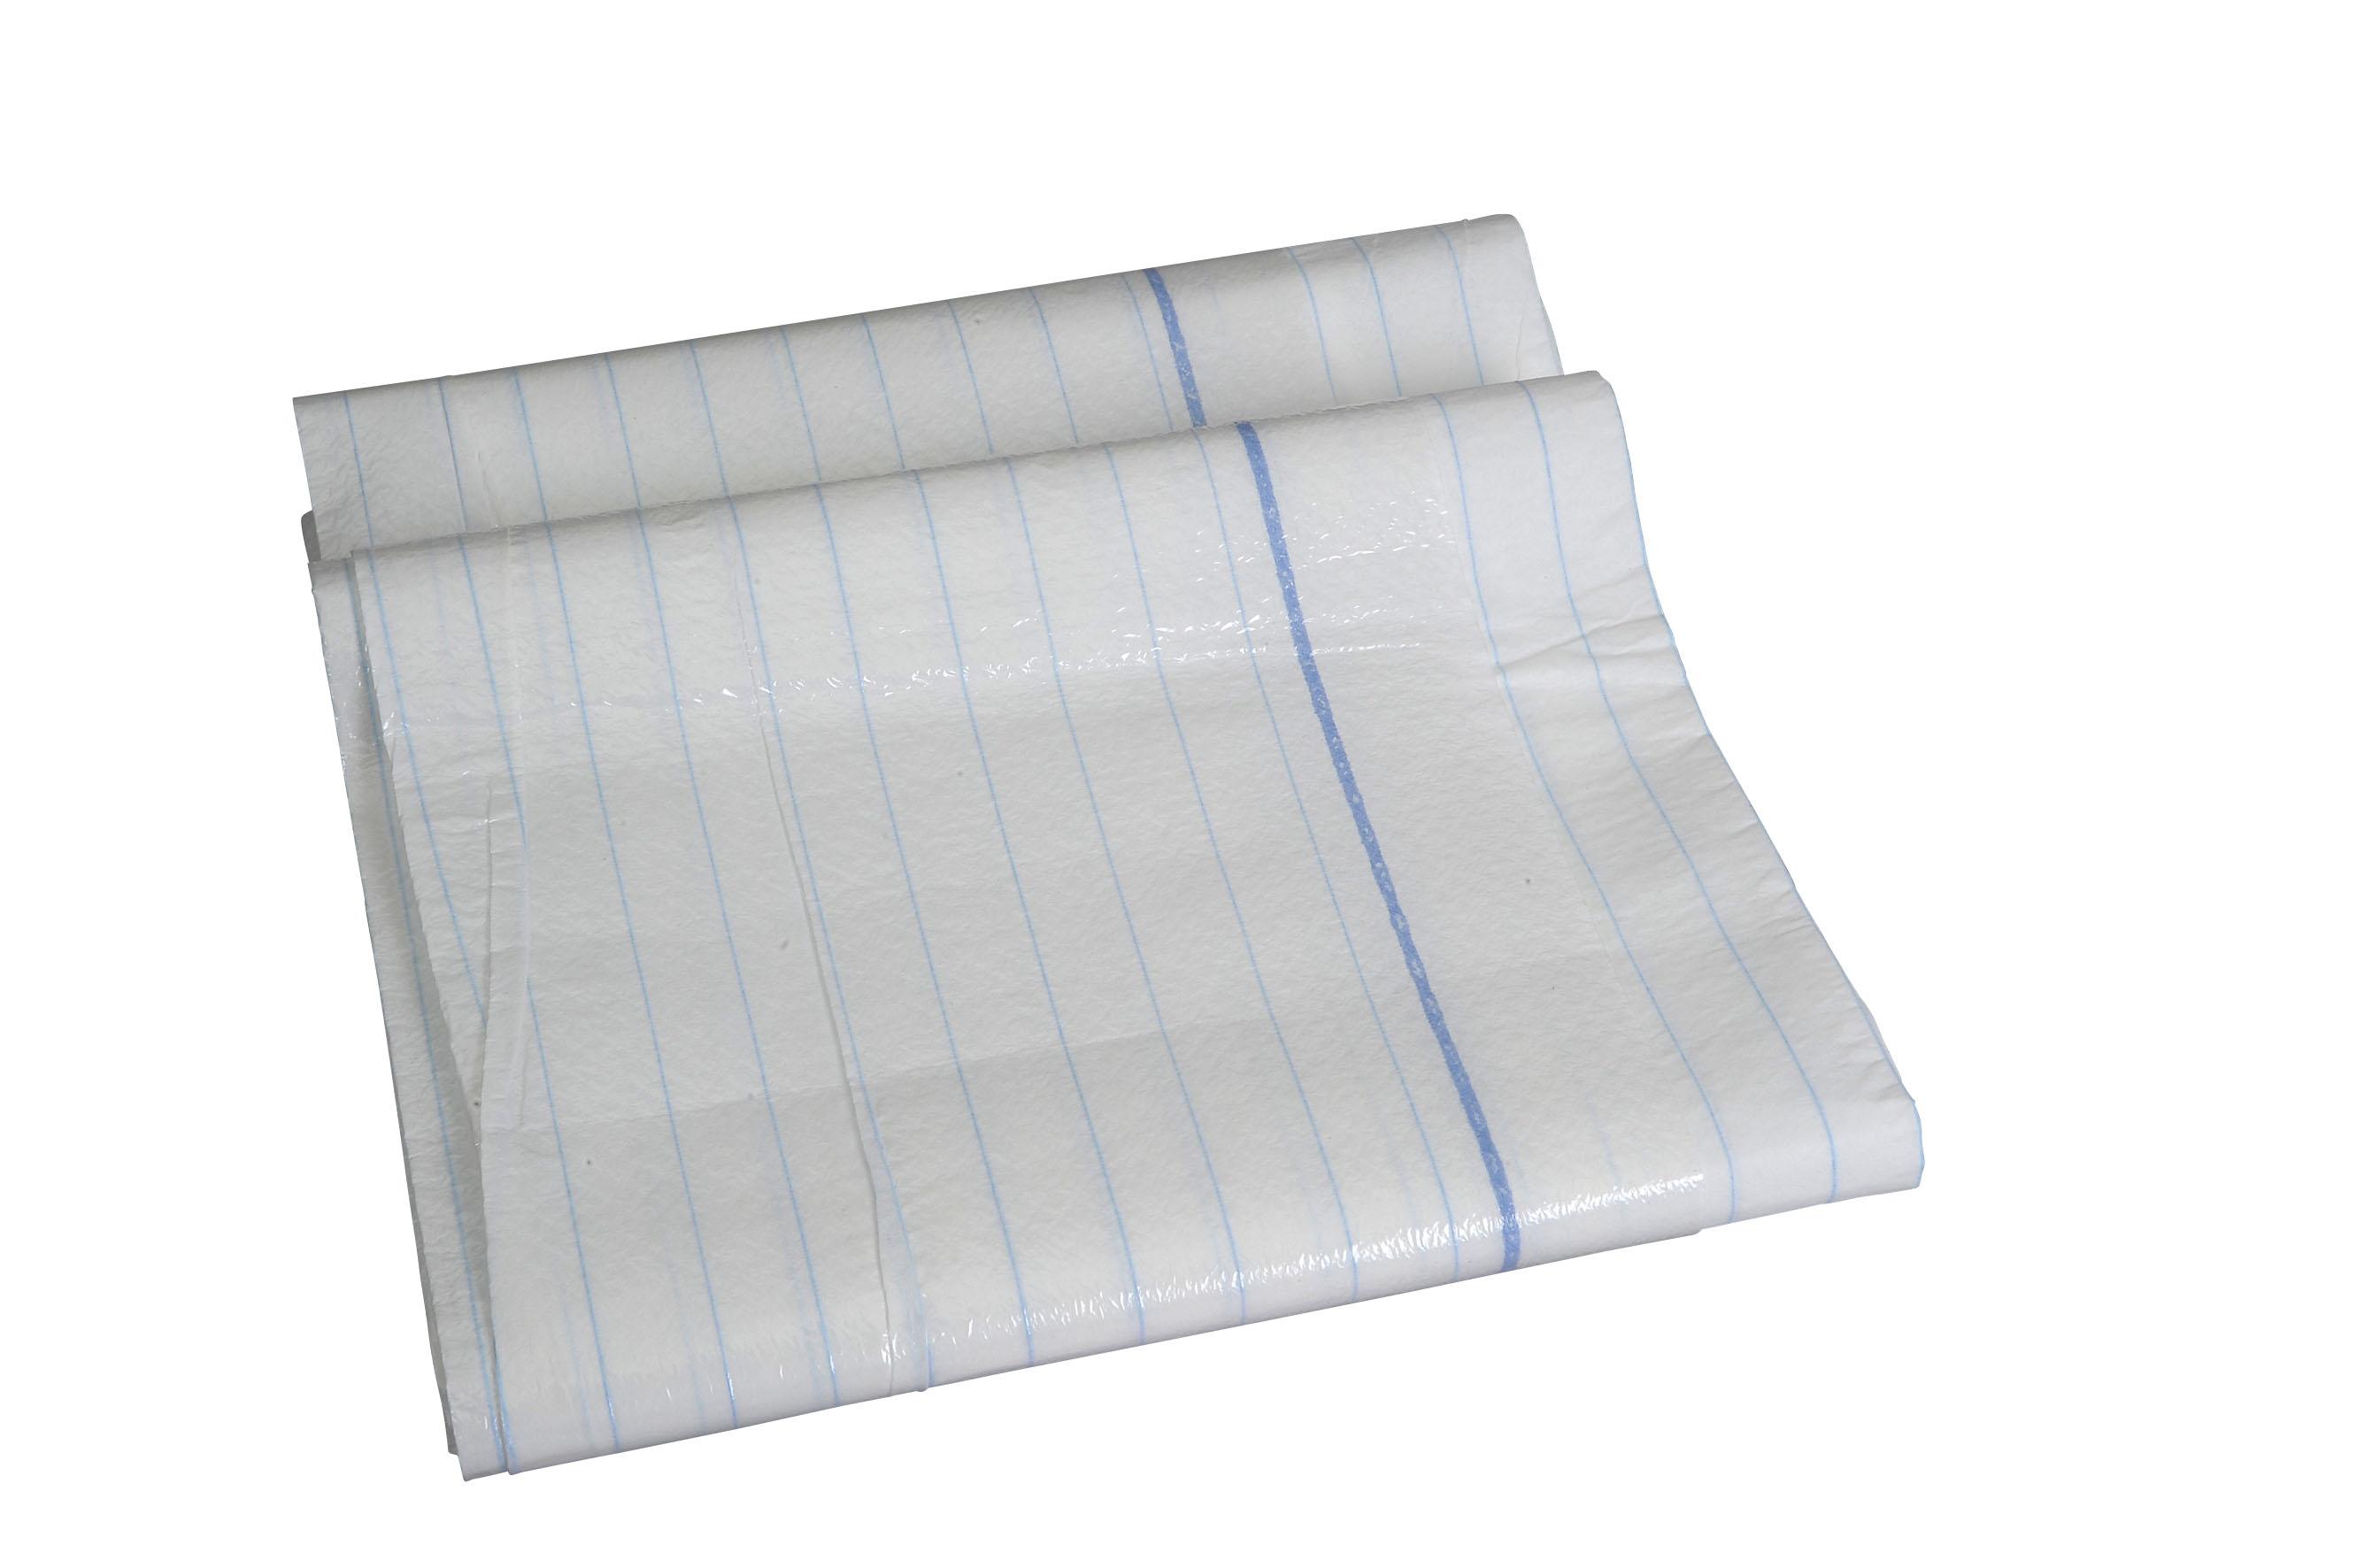 Trageschutzlaken 80 x 210 cm, Karton mit 100 Stück